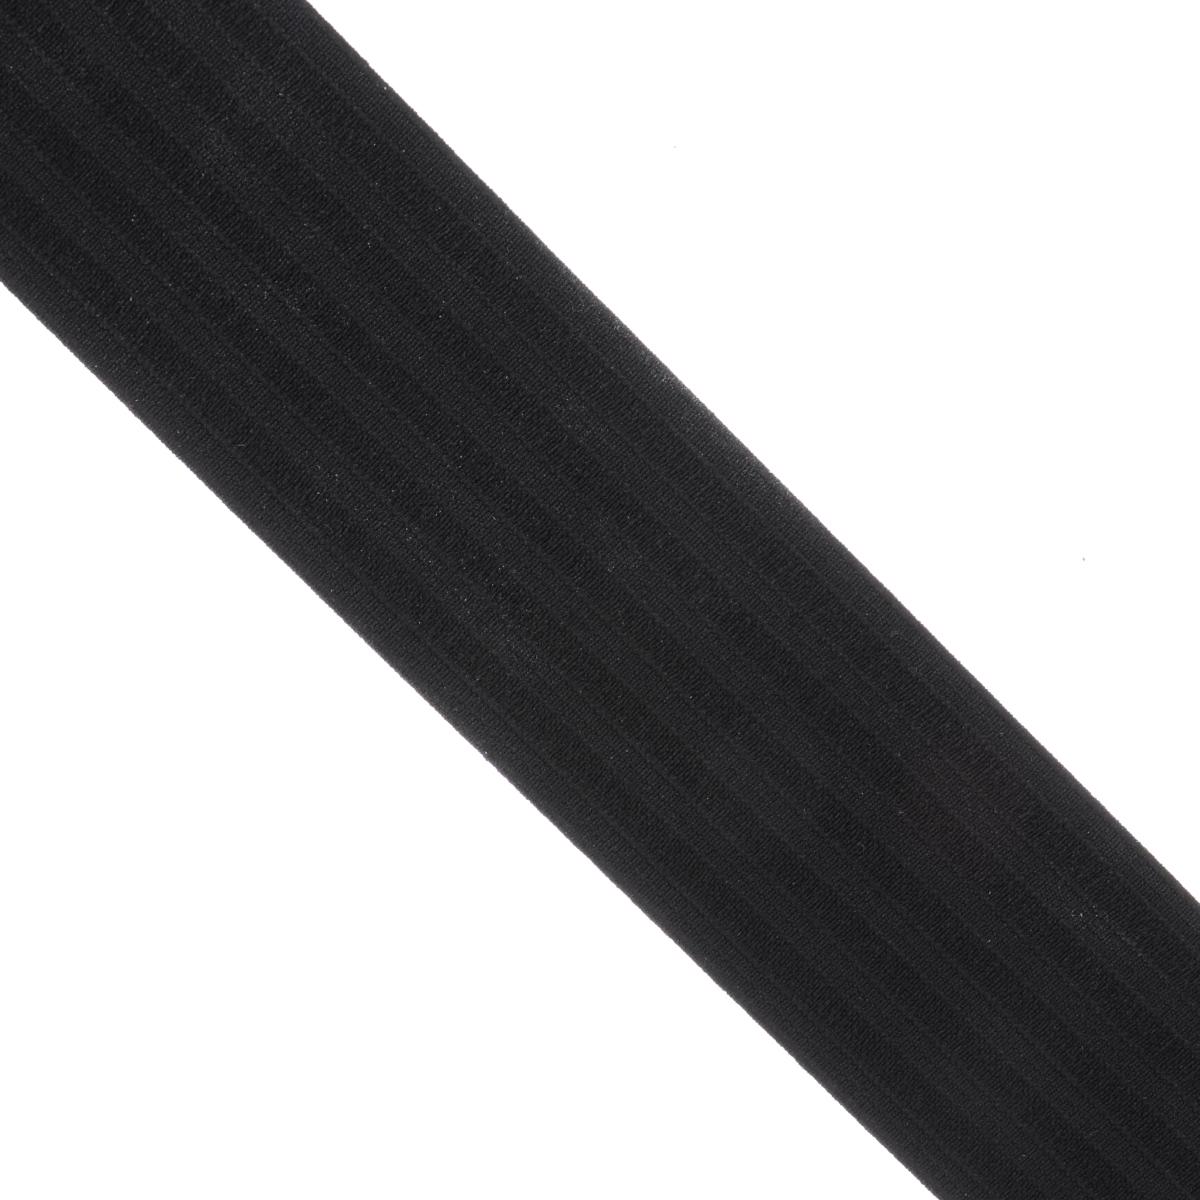 Лента эластичная Prym, для уплотнения шва, цвет: черный, ширина 5 см, длина 10 мNLED-454-9W-BKЭластичная лента Prym предназначена для уплотнения шва. Выполнена из полиэстера (80%) и эластомера (20%). Ткань прочная, стабильная, облегчает равномерное притачивание внутренней отделки.Длина ленты: 10 м.Ширина ленты: 5 см.